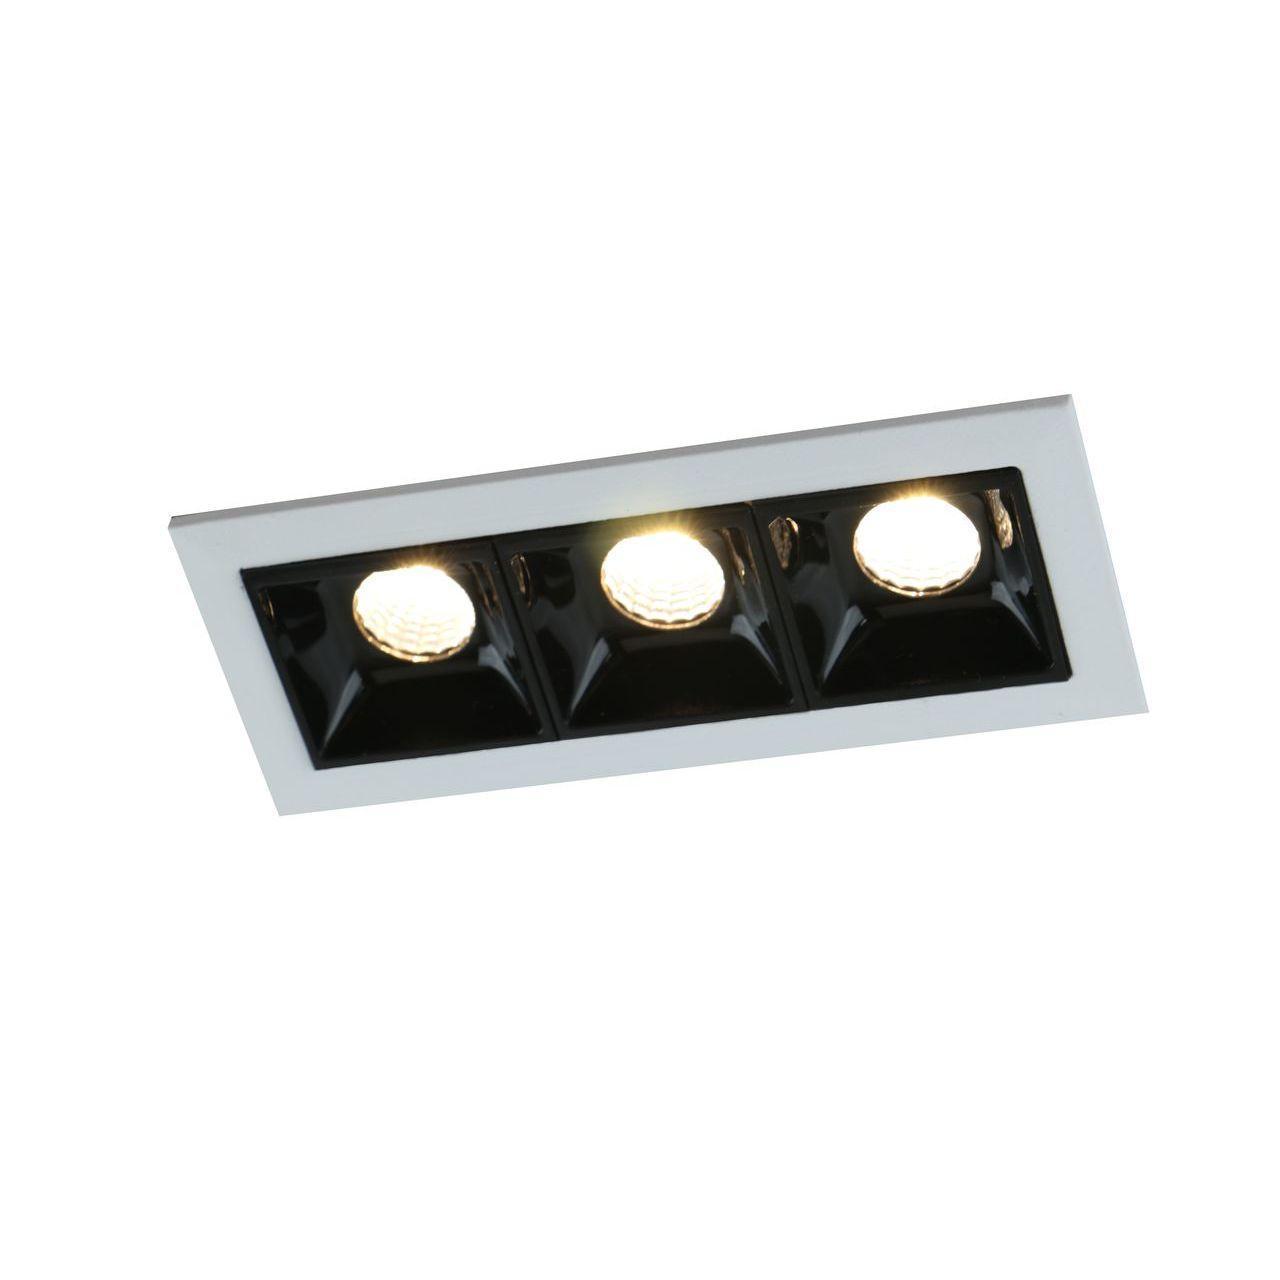 Встраиваемый светодиодный светильник Arte Lamp Grill A3153PL-3BK накладной светильник arte lamp falcon a5633pl 3bk